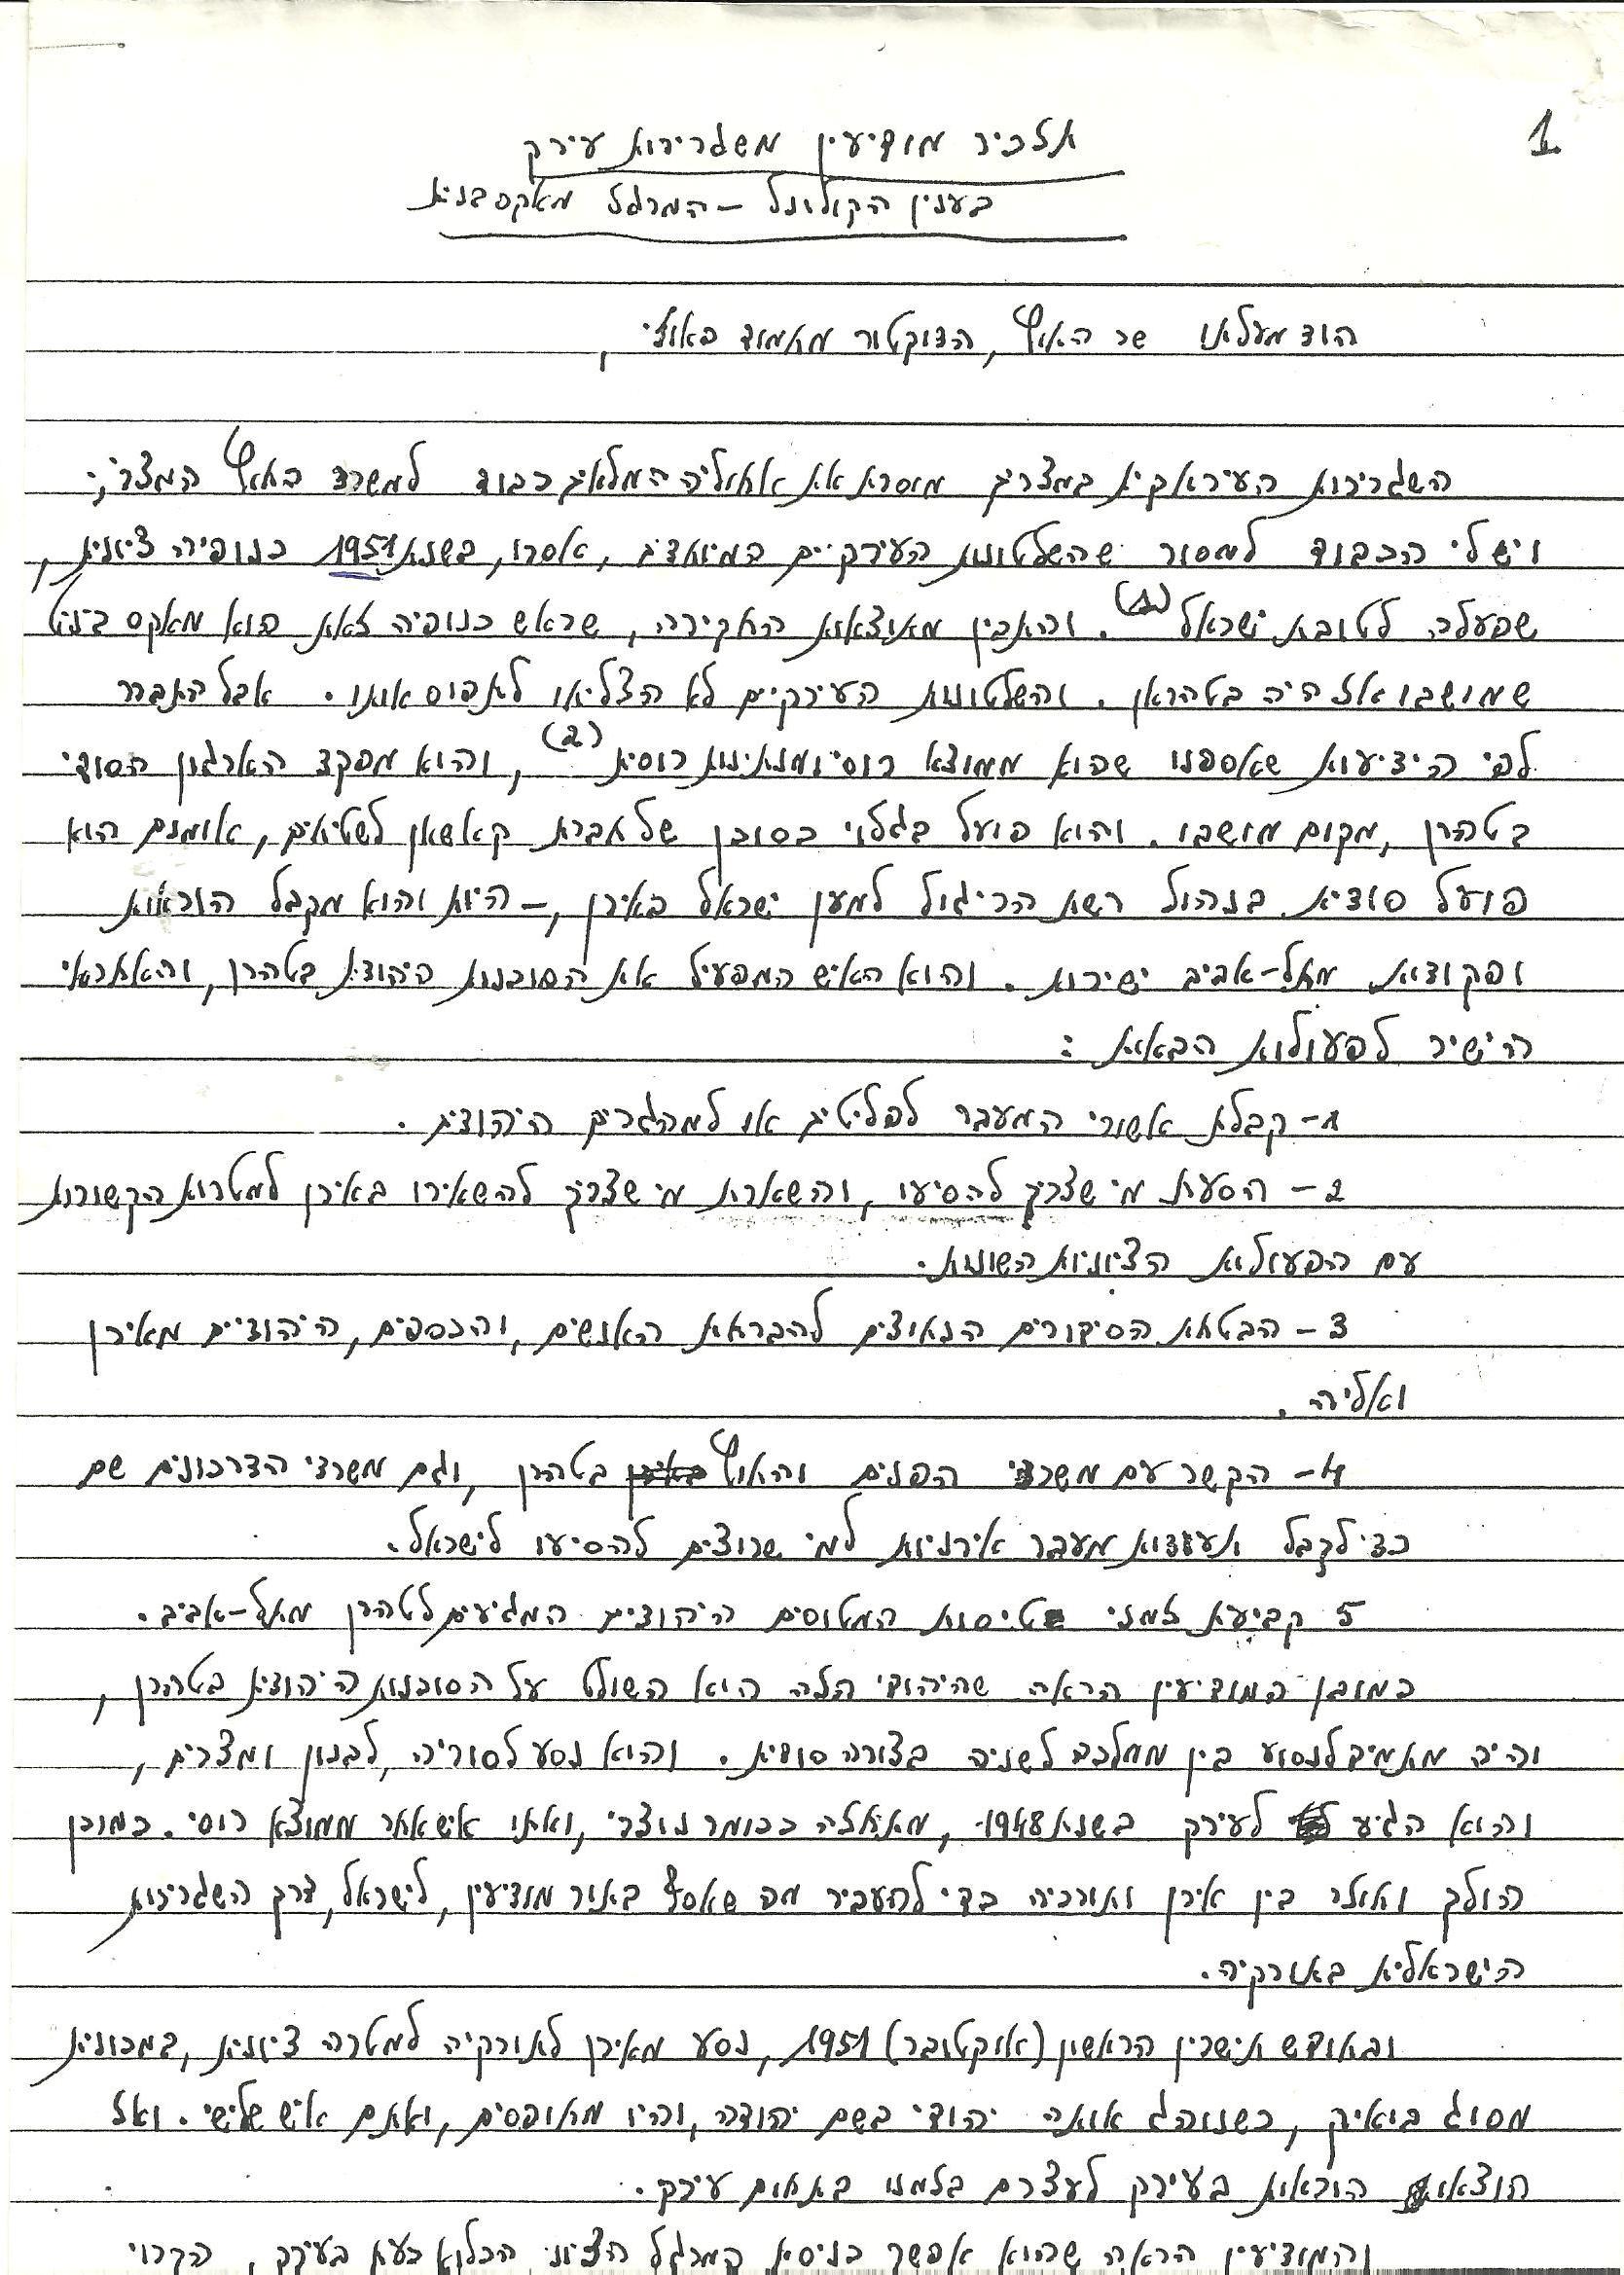 תזכיר מודיעין משגרירות עיראק לגבי מאיר מקס בינט – פעילותו המודיעינית בעיראק, תרגום